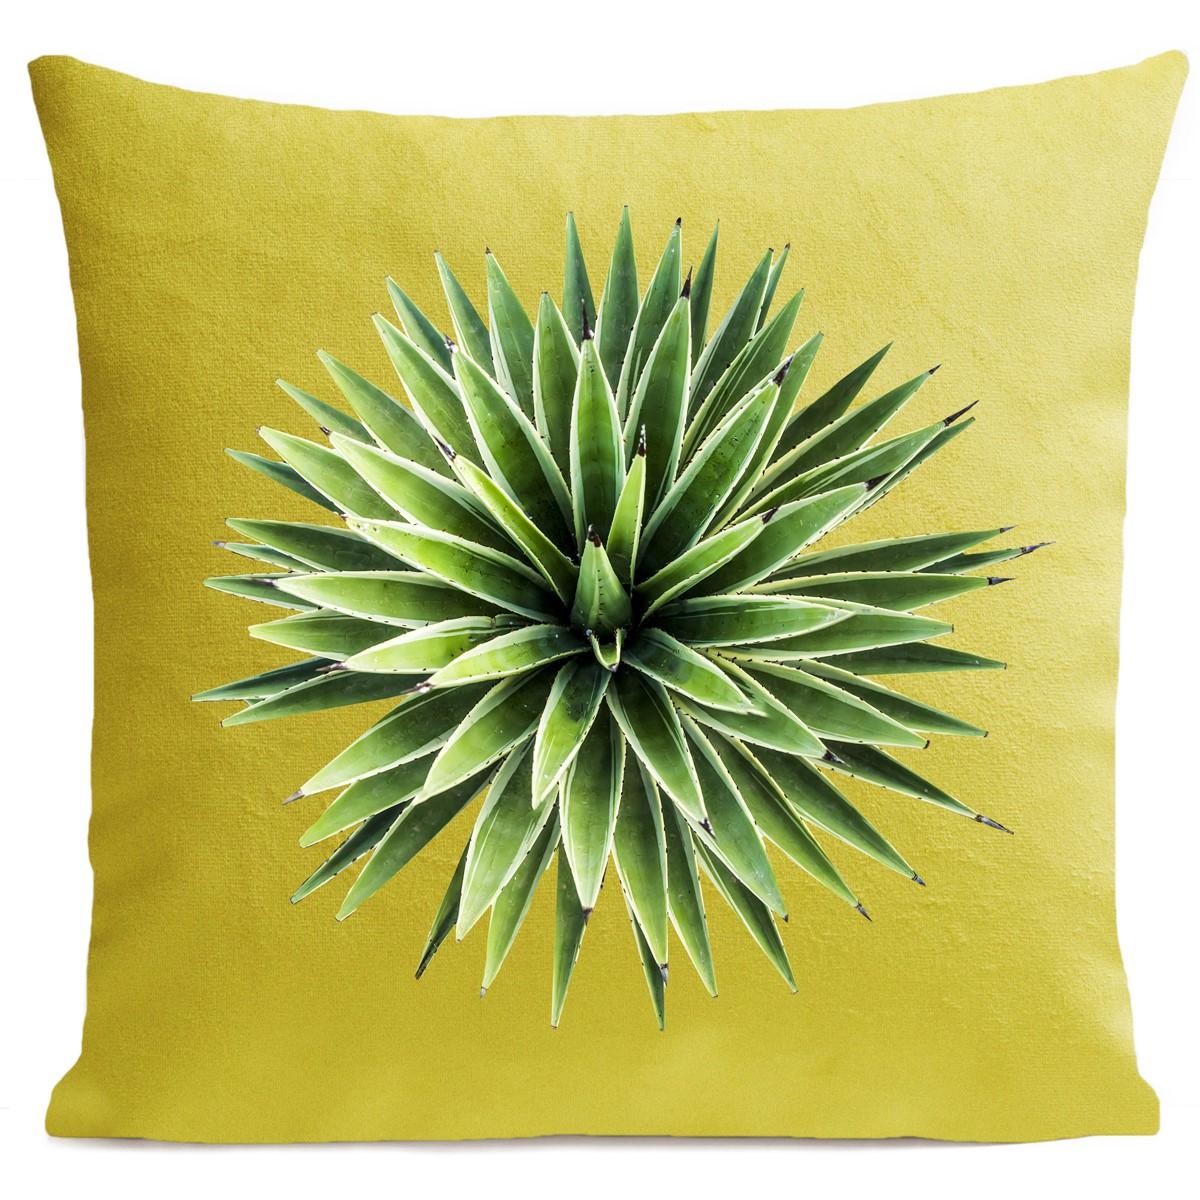 Coussin velours carré imprimé floraux jaune vif 60x60